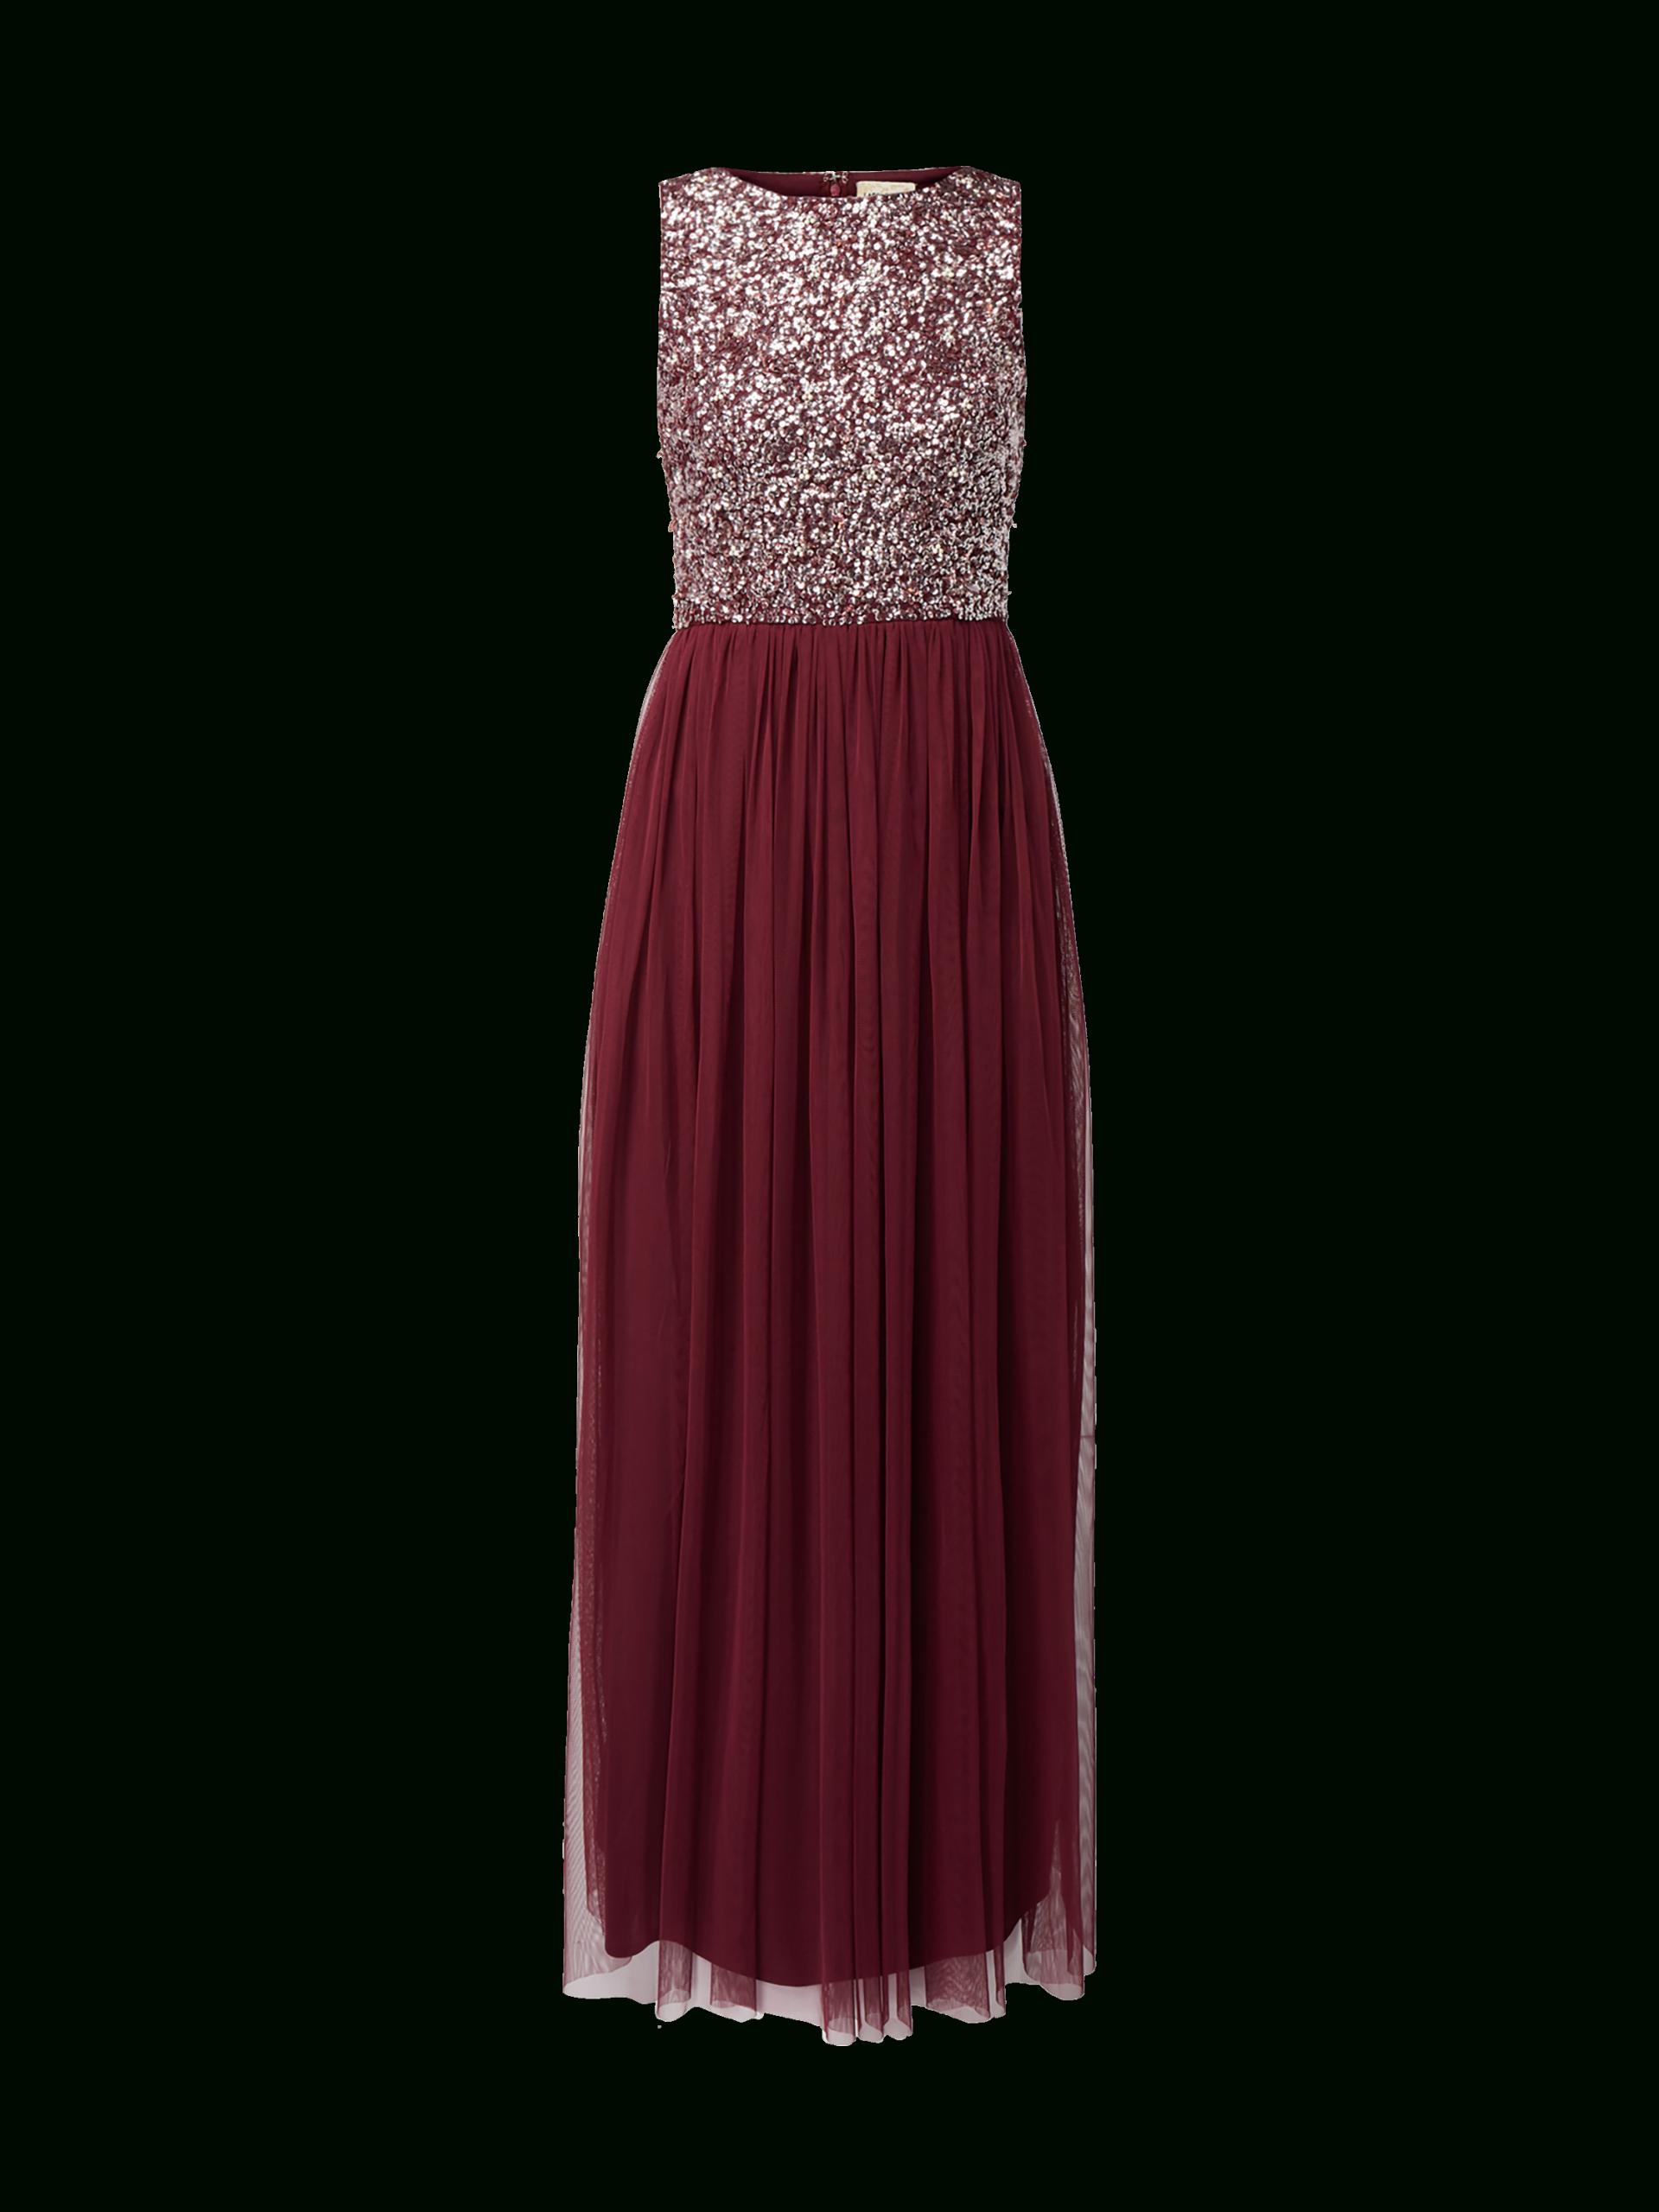 Lace & Beads – Abendkleid Aus Mesh Mit Pailletten-Besatz – Bordeaux Rot